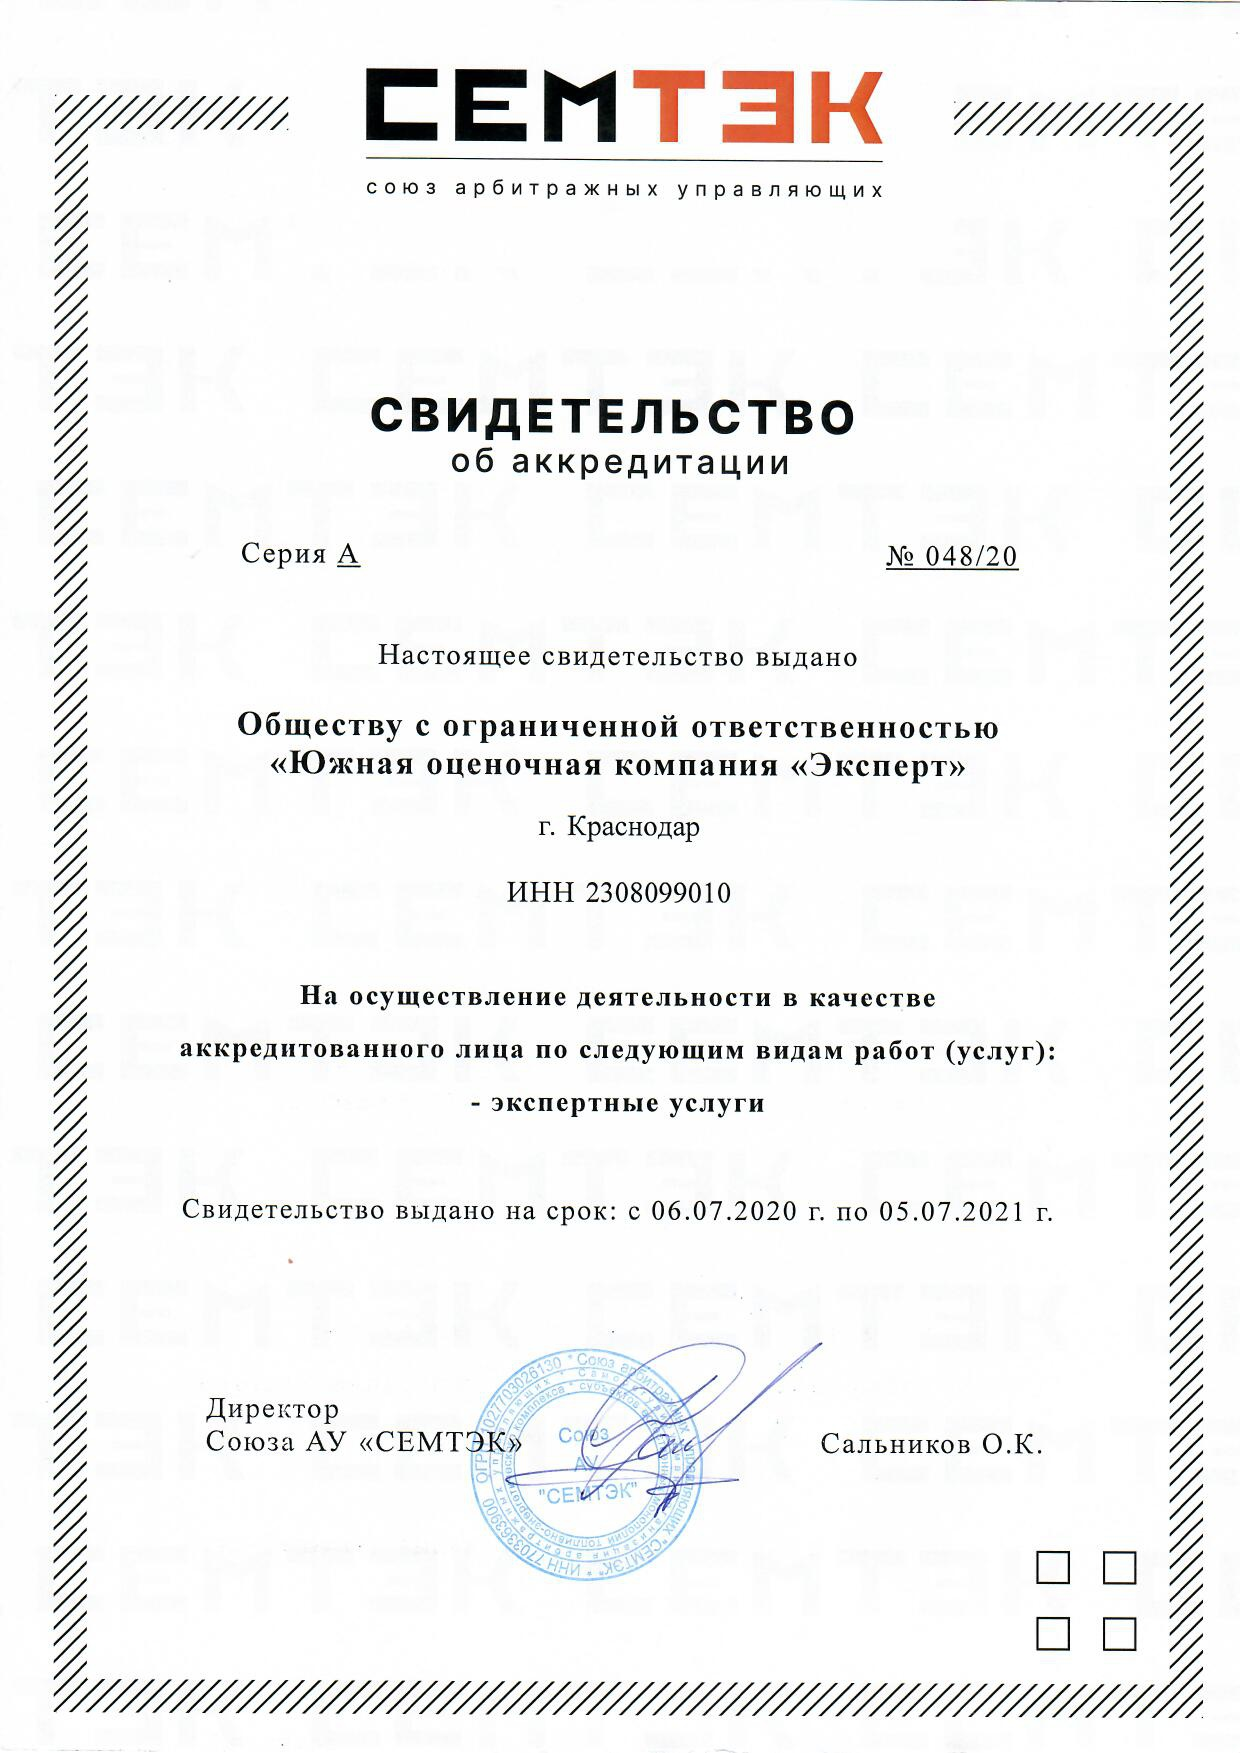 """Свидетельство об аккредитации Союза АУ """"СЕМТЭК"""""""